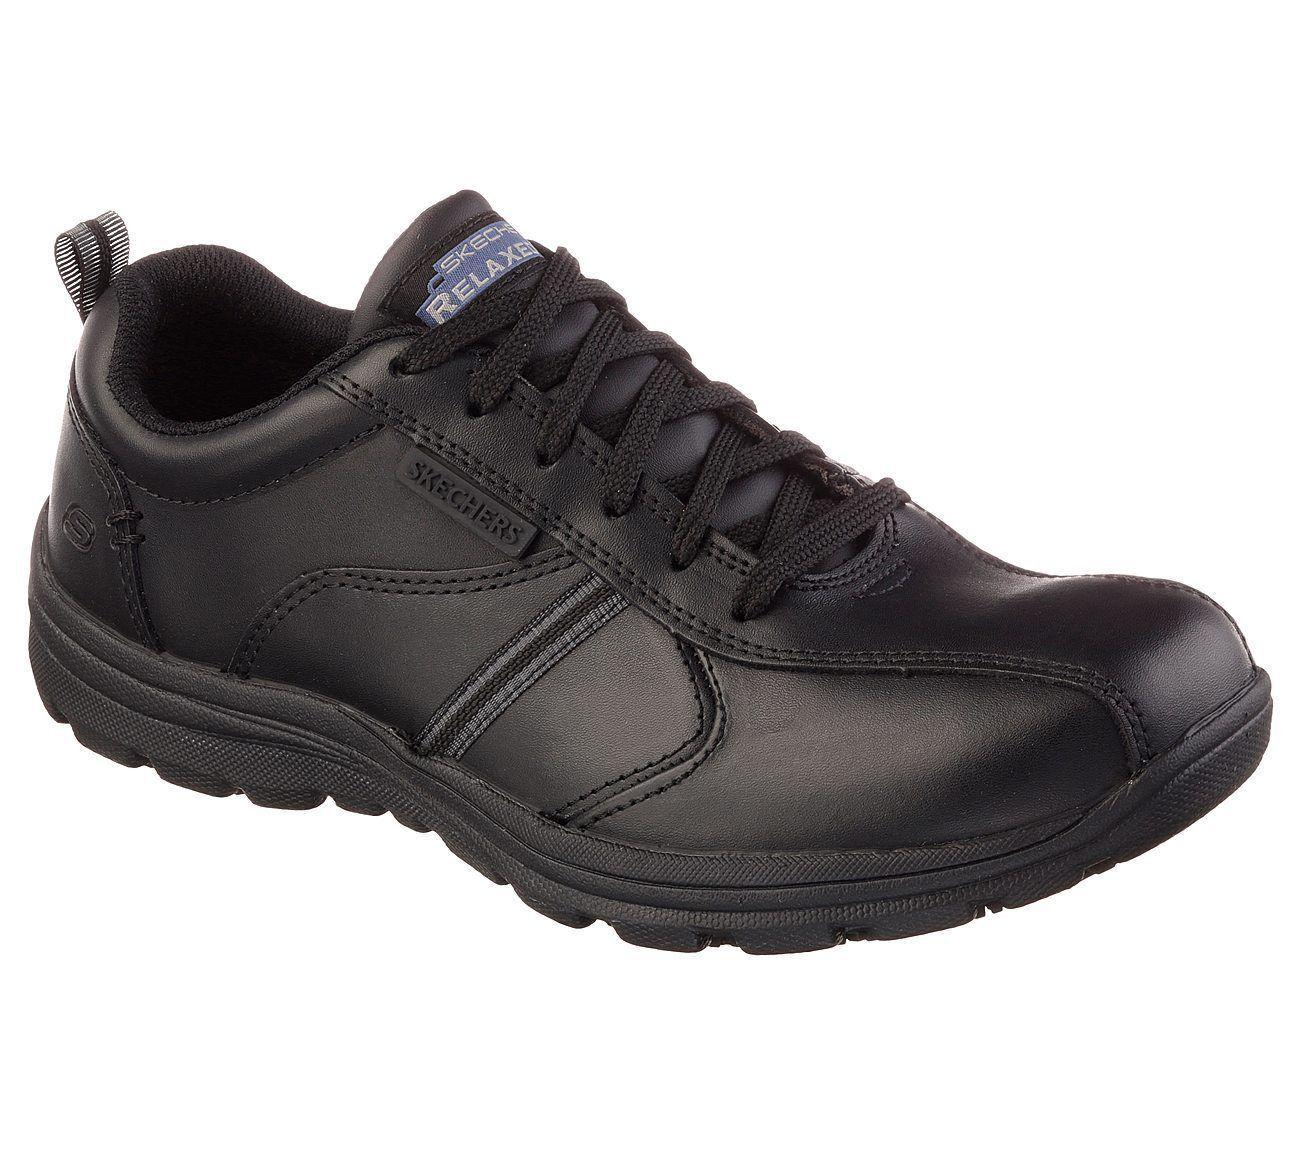 Skechers For Work 77036 Hobbes-Frat Noir Travail Baskets sz 6-13 infirmière de sécurité